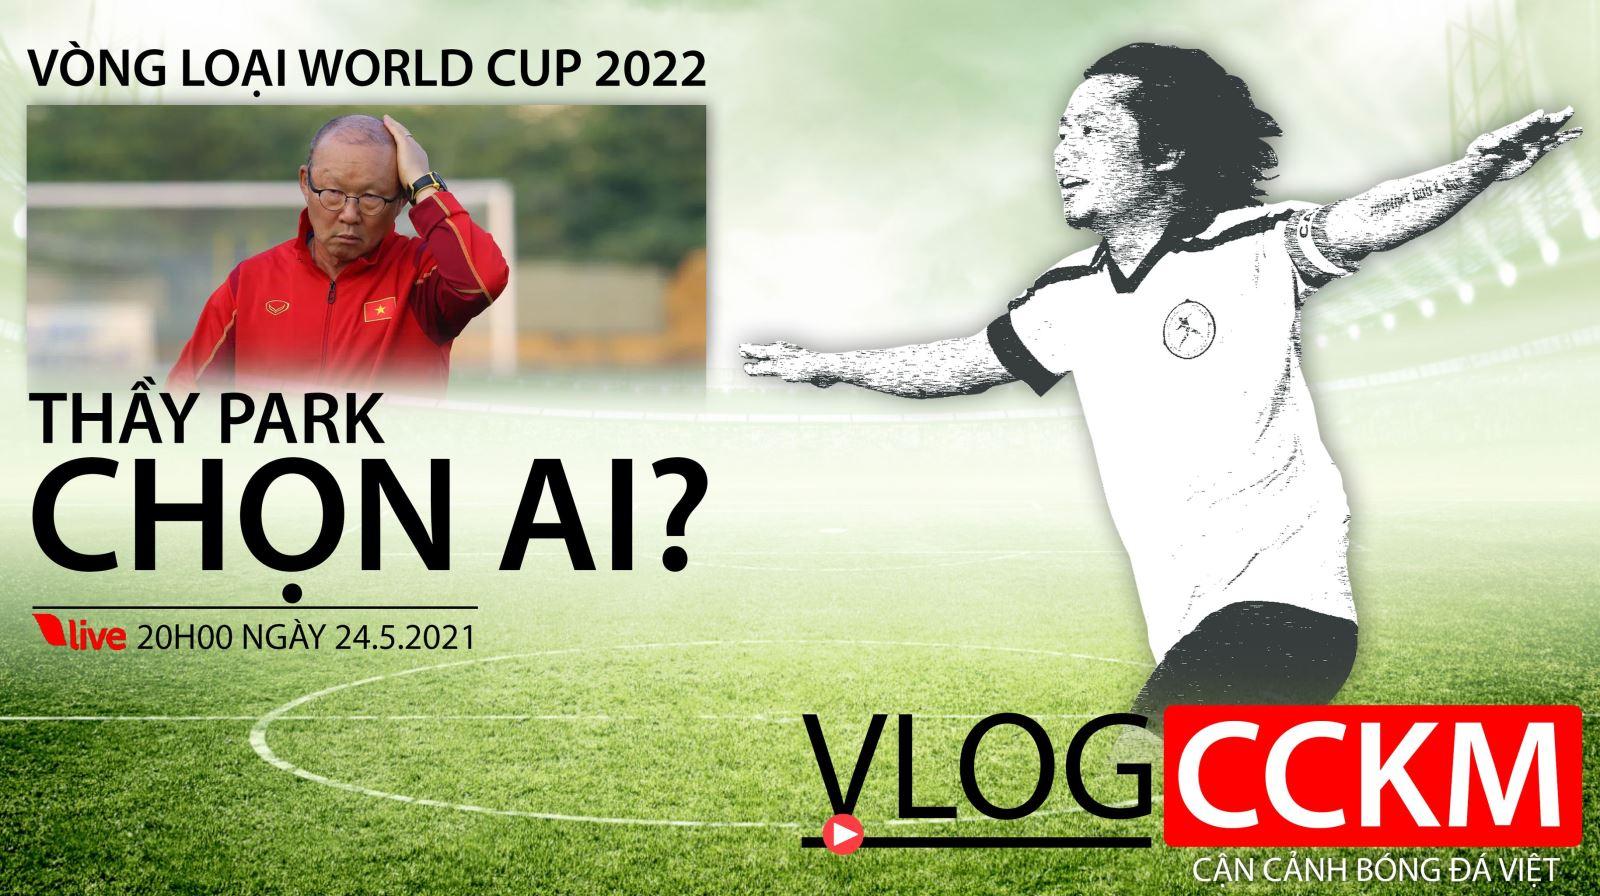 CCKM, vlog cckm, bóng đá, bóng đá việt, lịch thi đấu, trần hải, tuyển việt nam, park hang seo